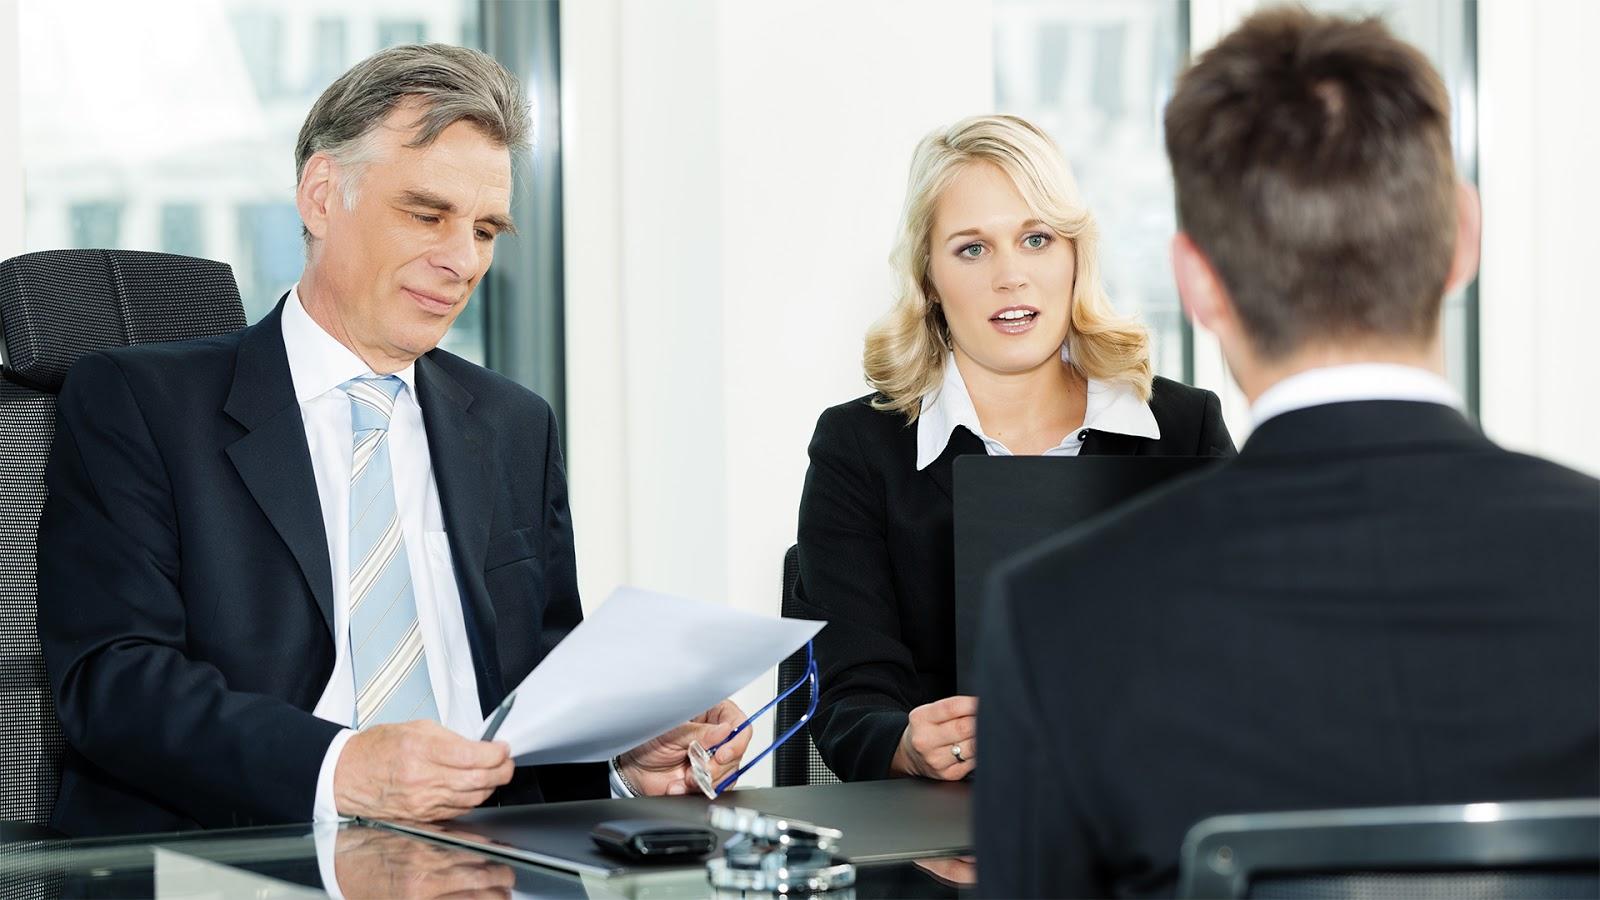 Документ в обязательном порядке заверяется печатью или штампом организации